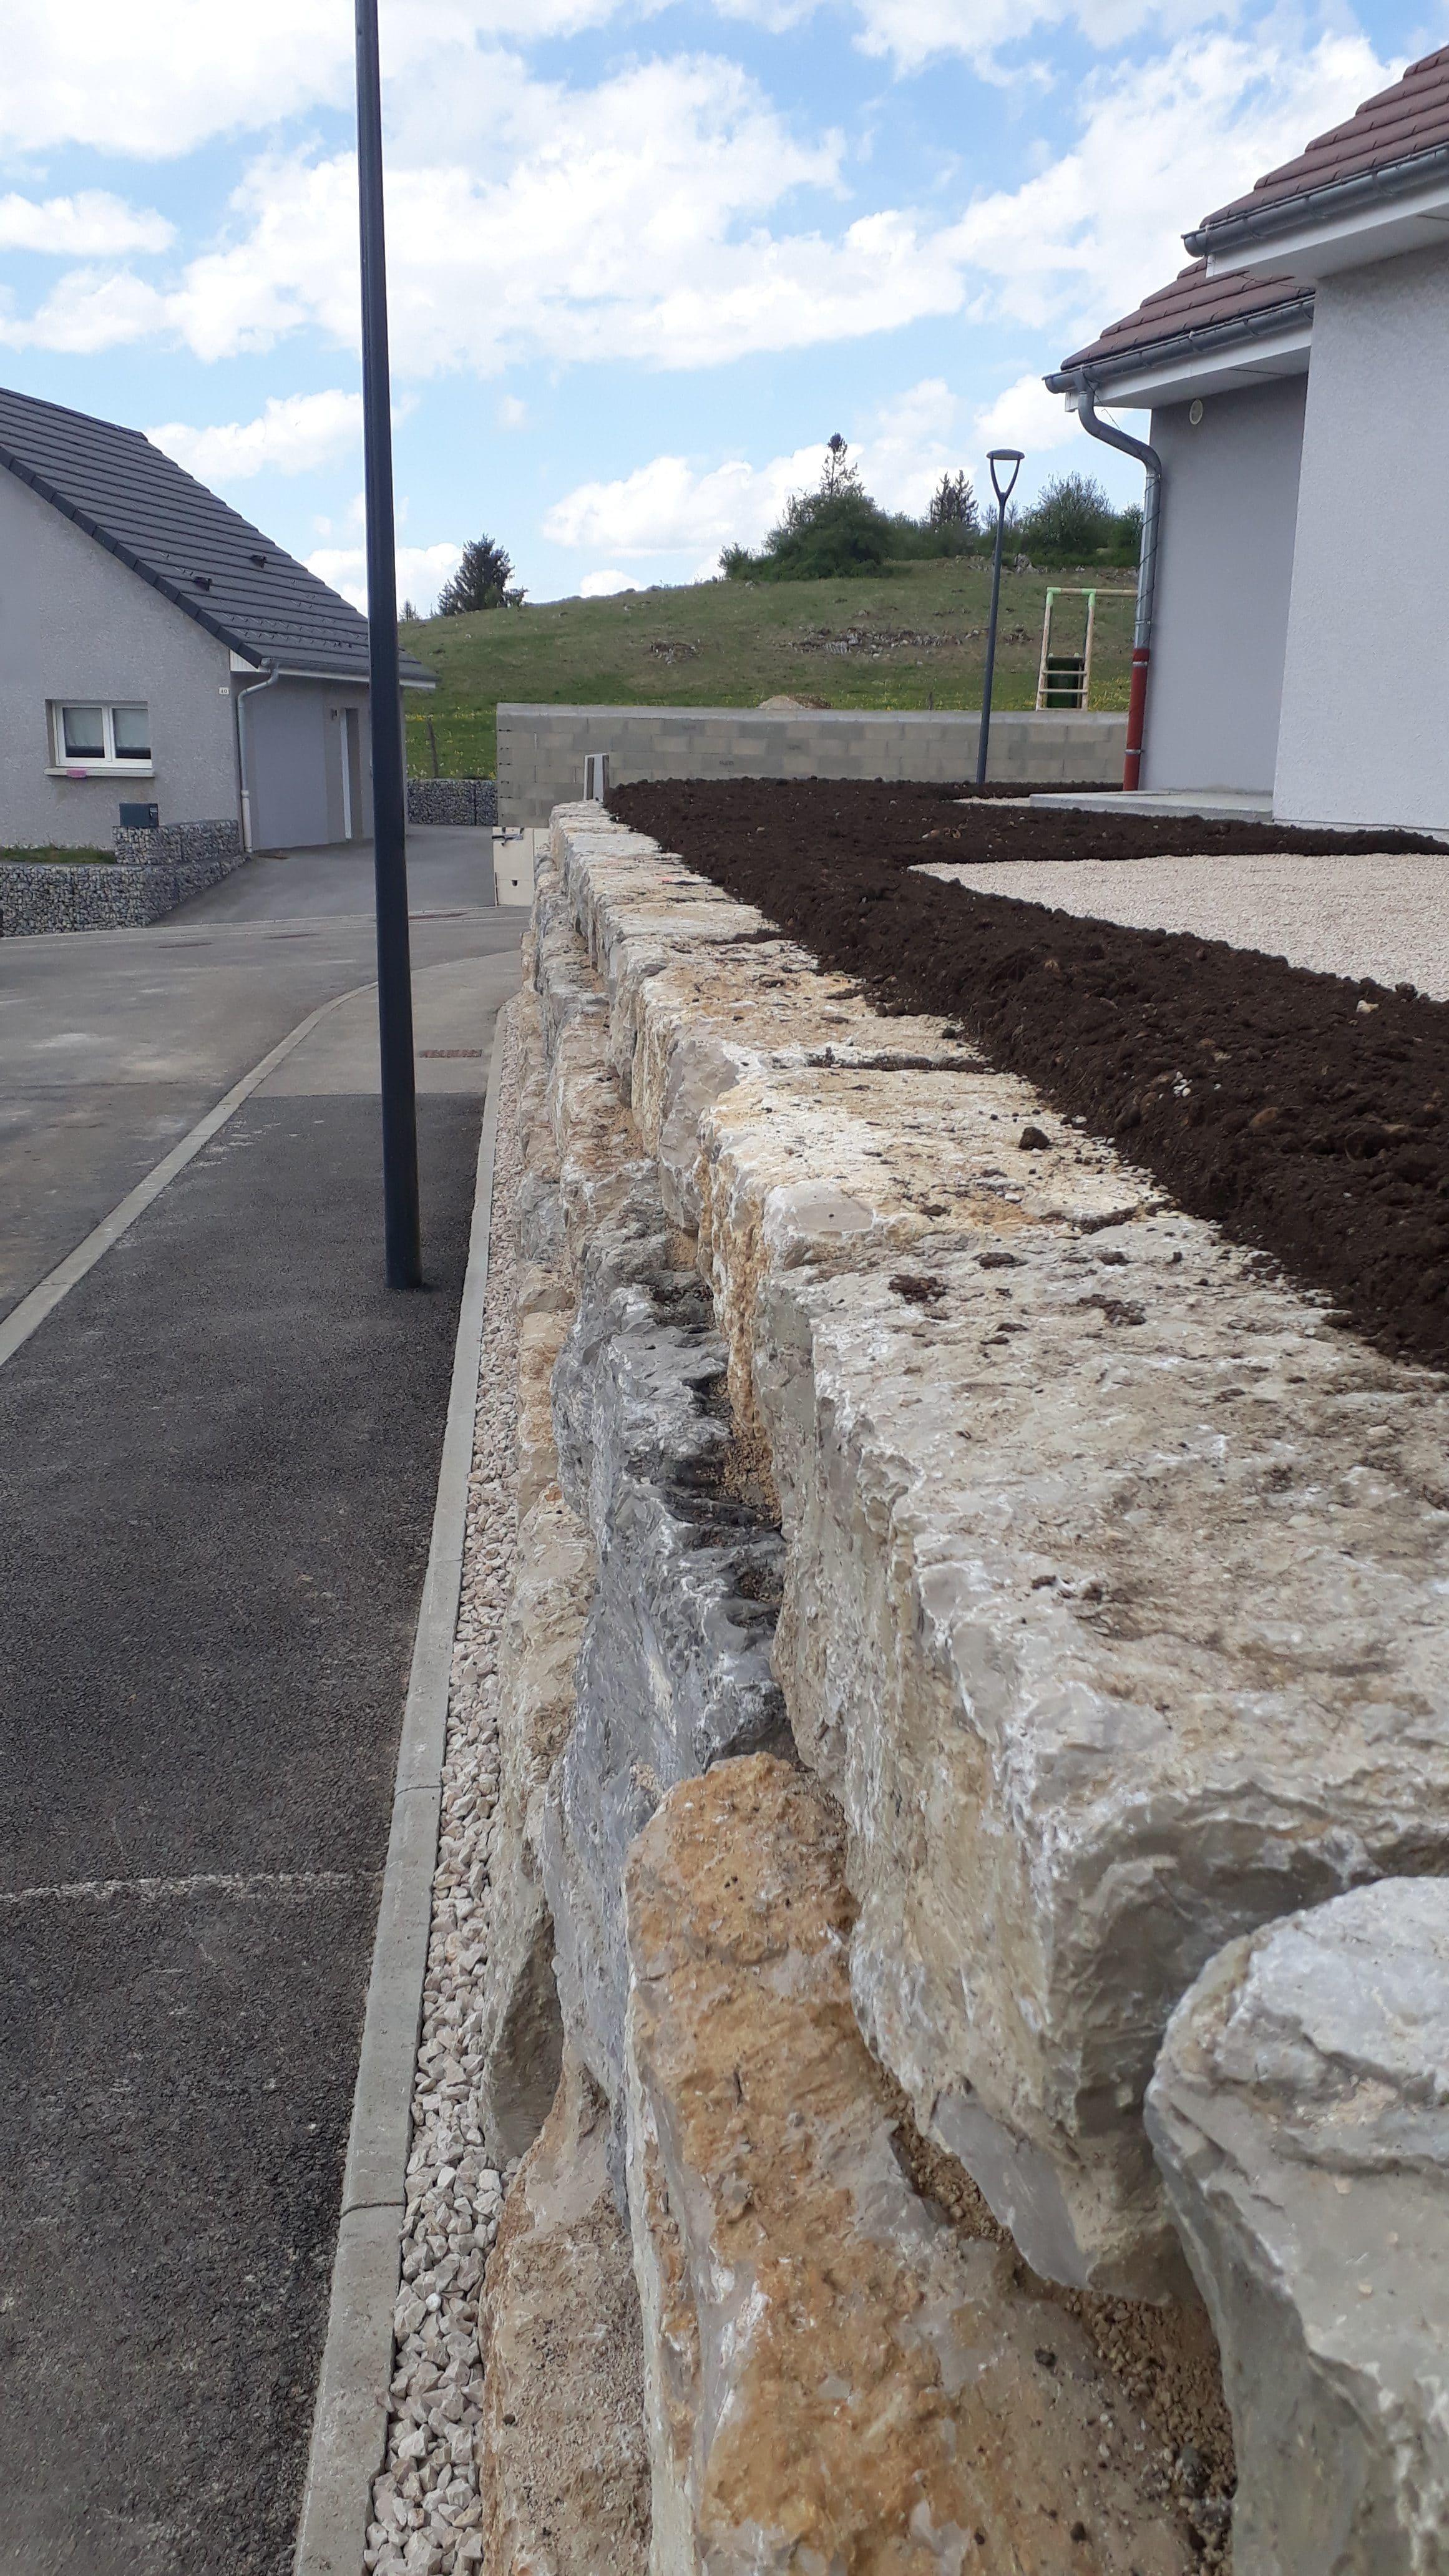 enrochement-mur-beton-terrasse-exterieur-maison-travaux-publics-TP-pontarlier-doubs-franche-comte-01